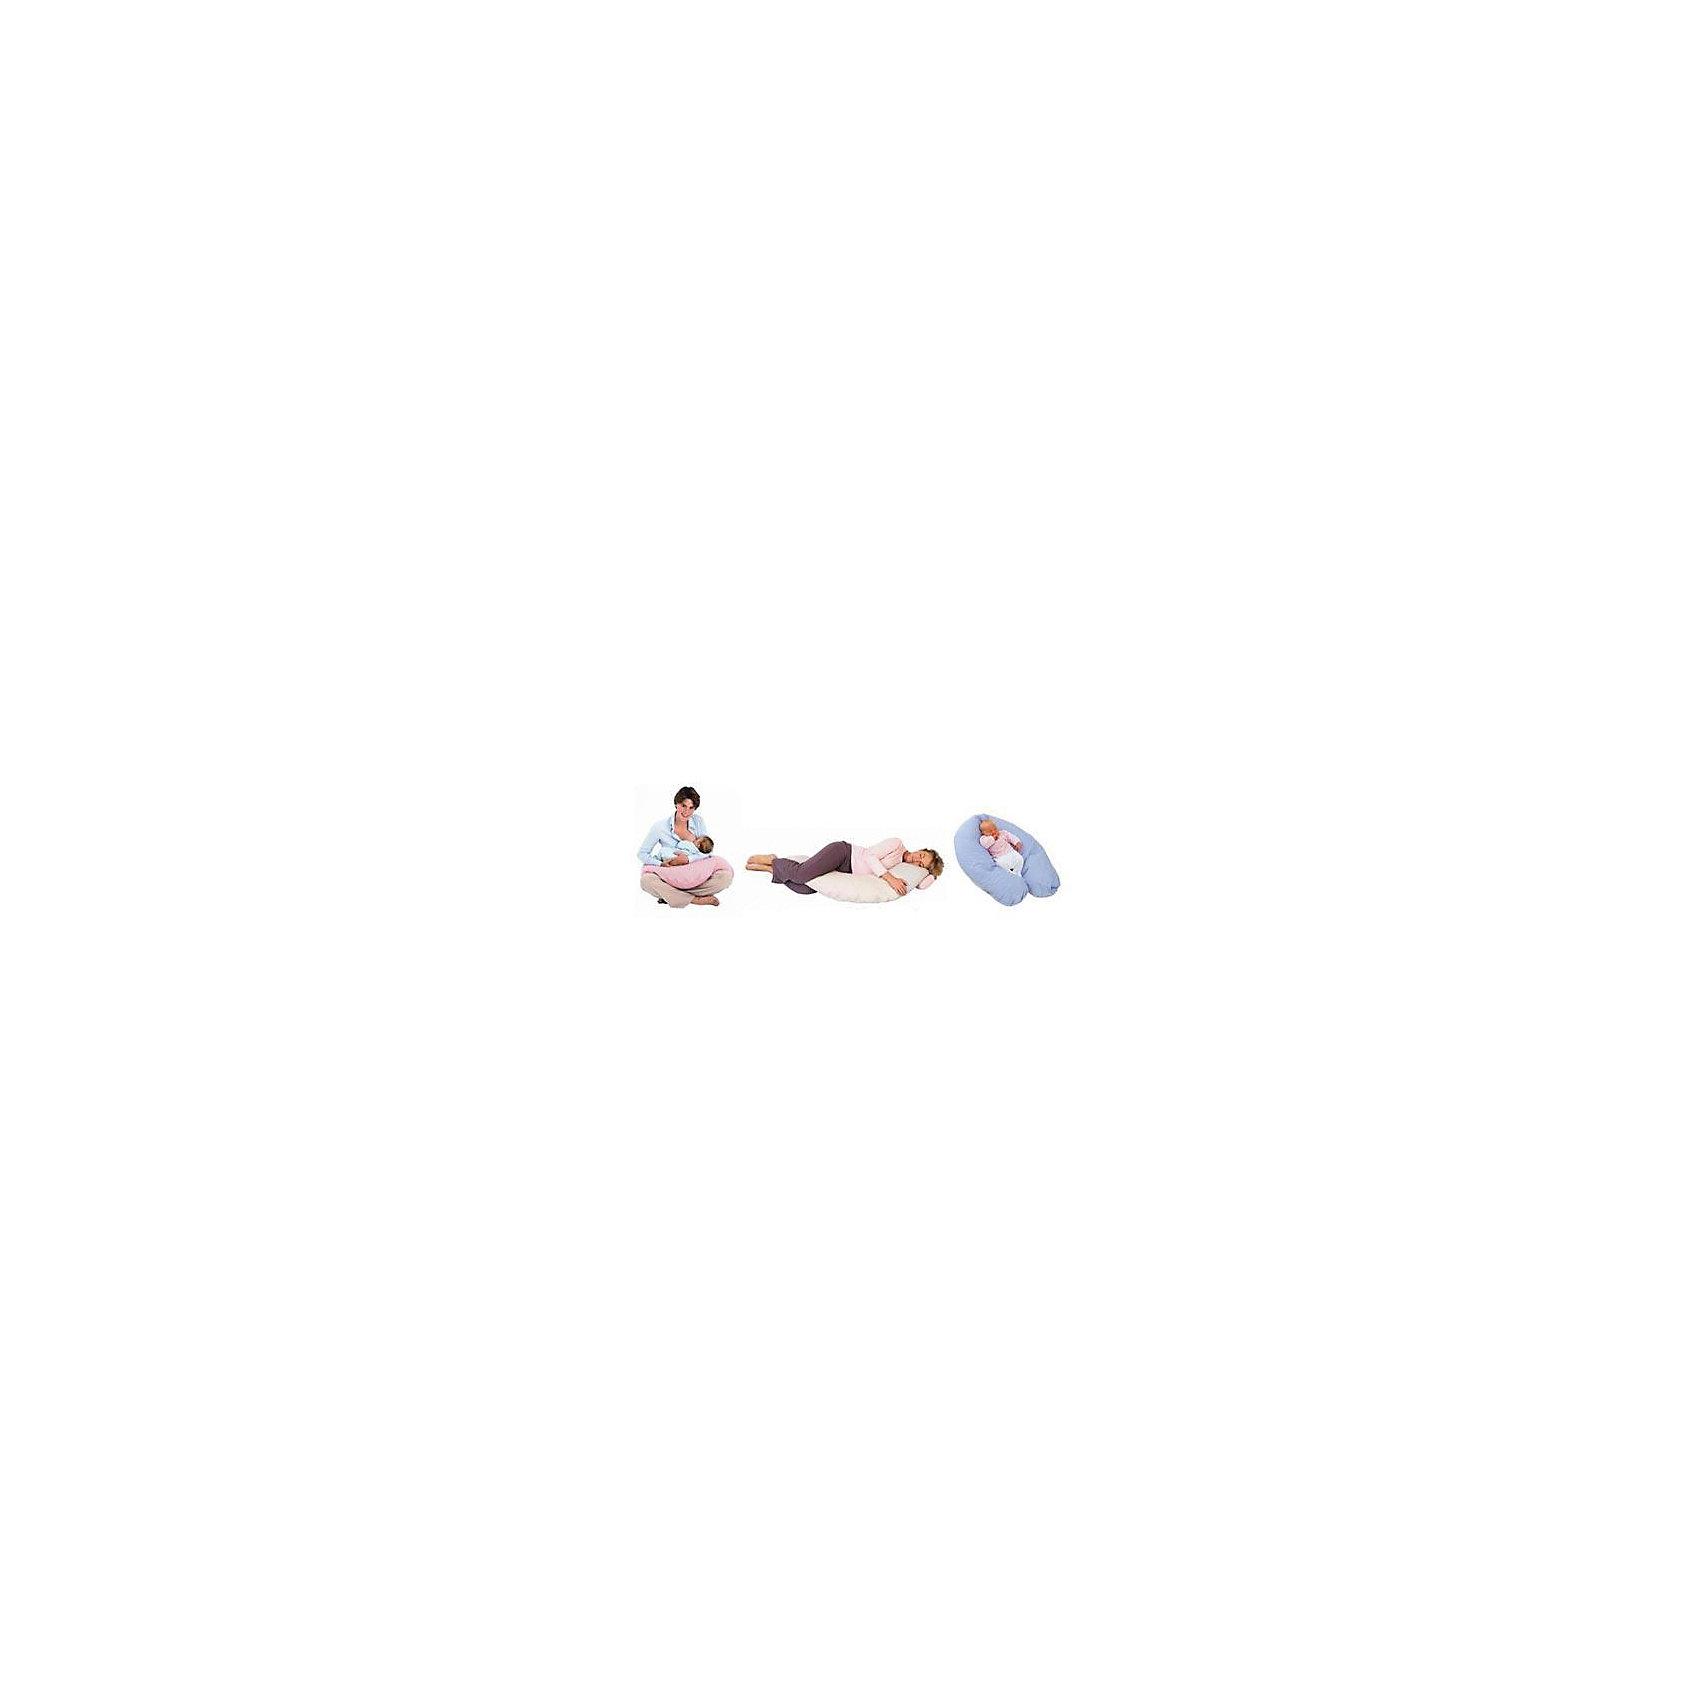 Подушка многофункциональная Comfy Big Marcele, PLANTEX, розовый (Plantex)